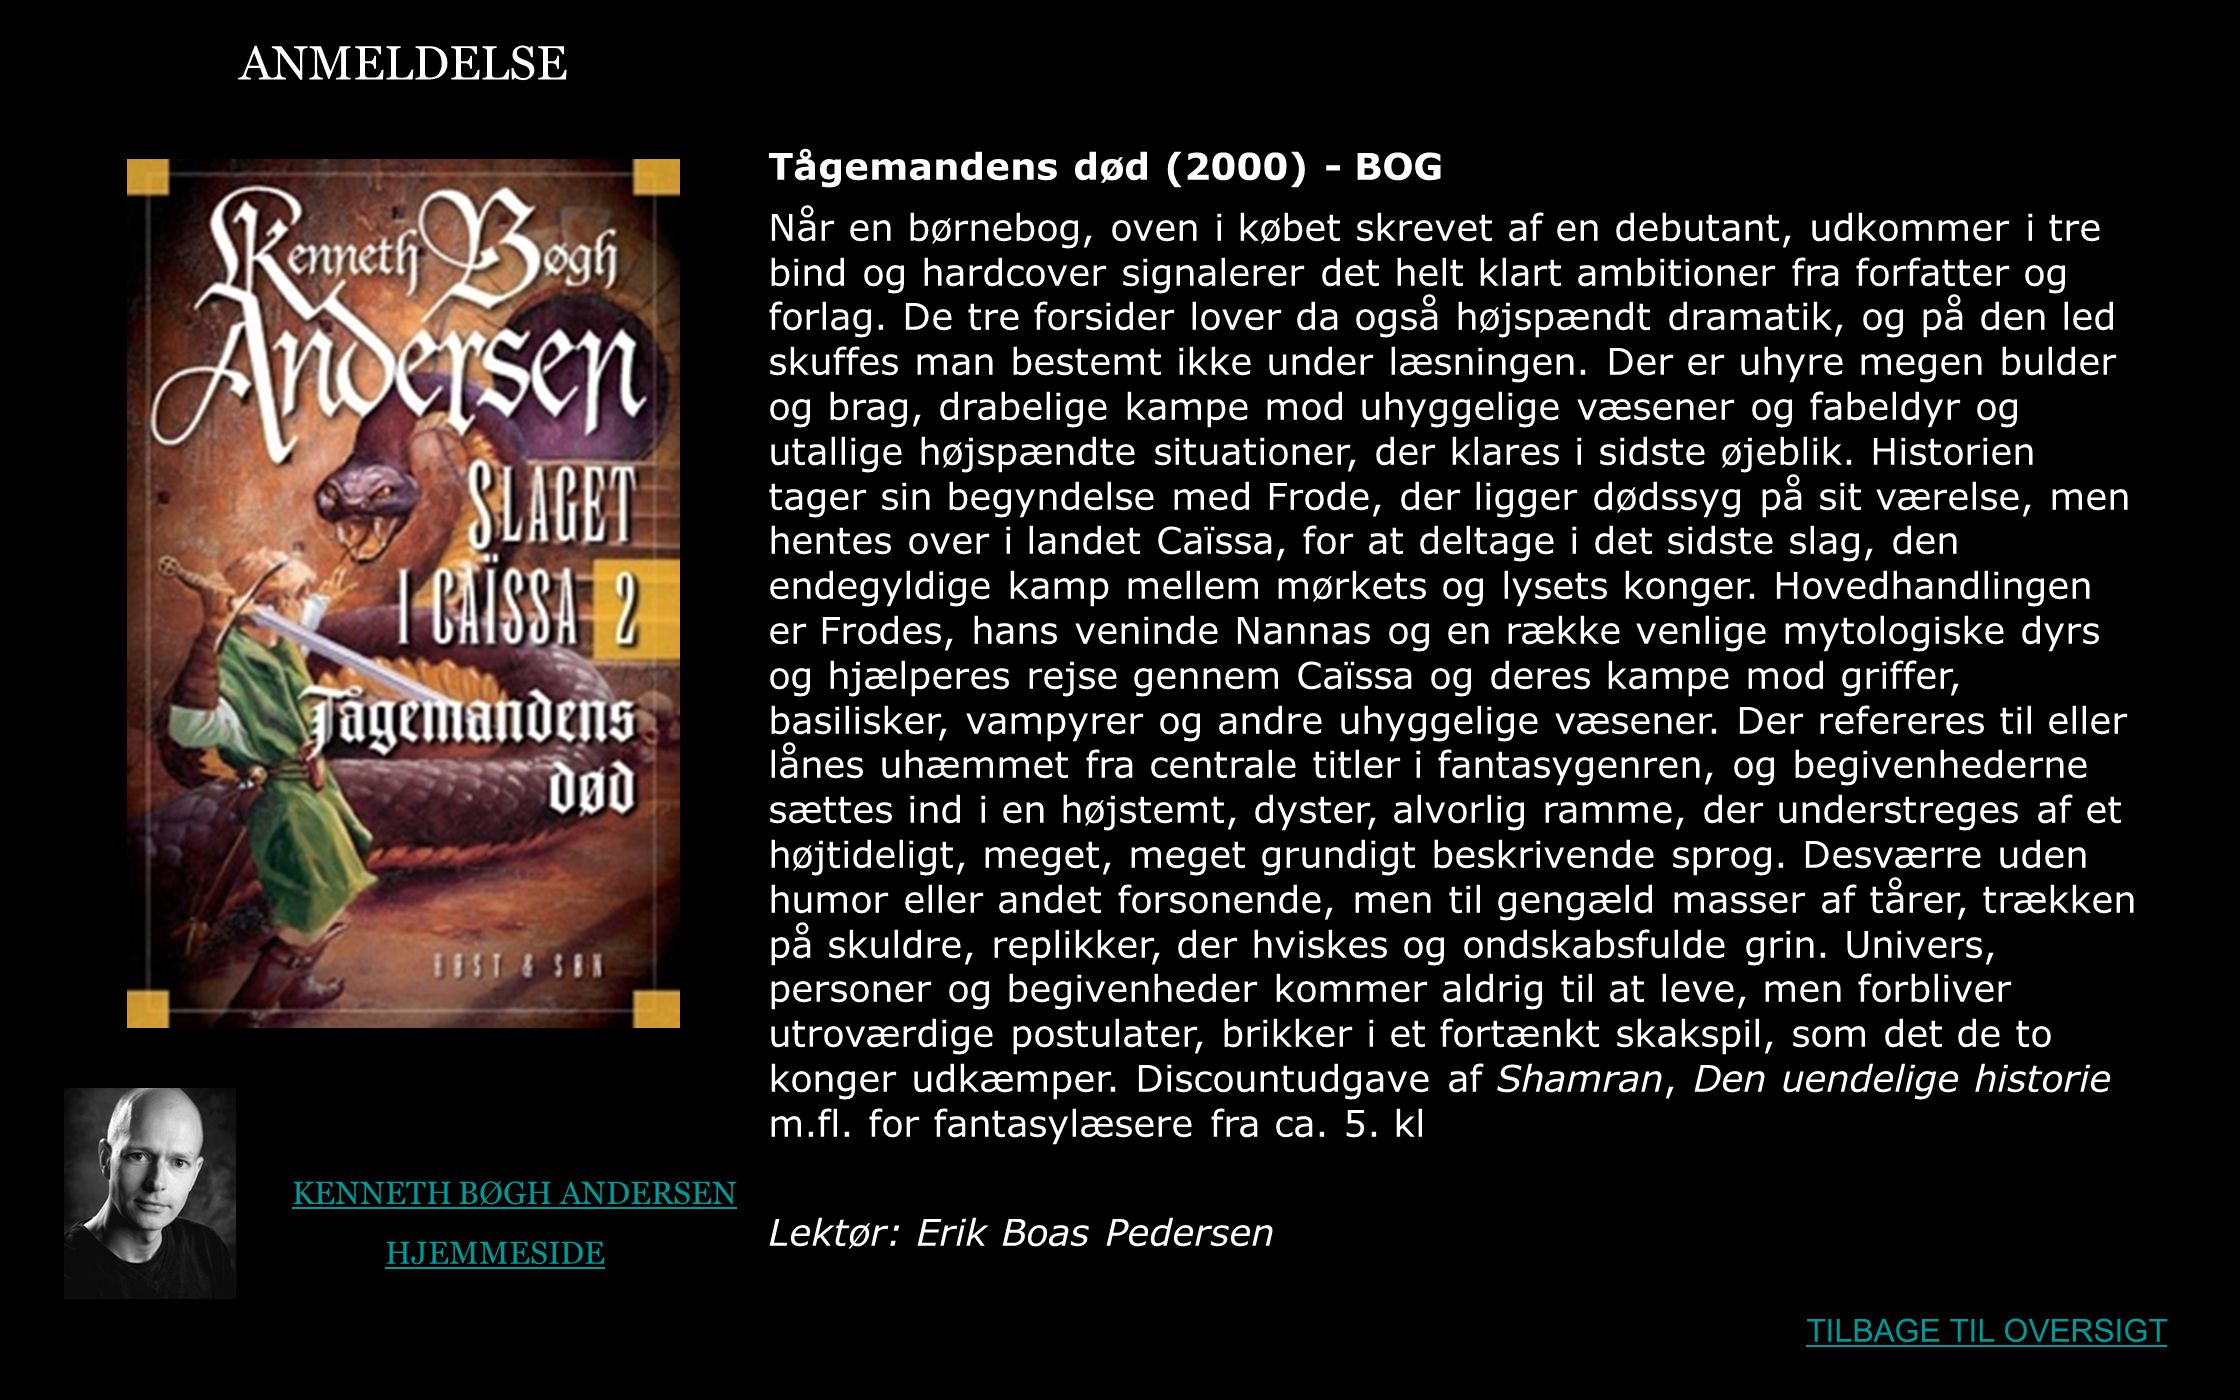 ANMELDELSE Tågemandens død (2000) - BOG